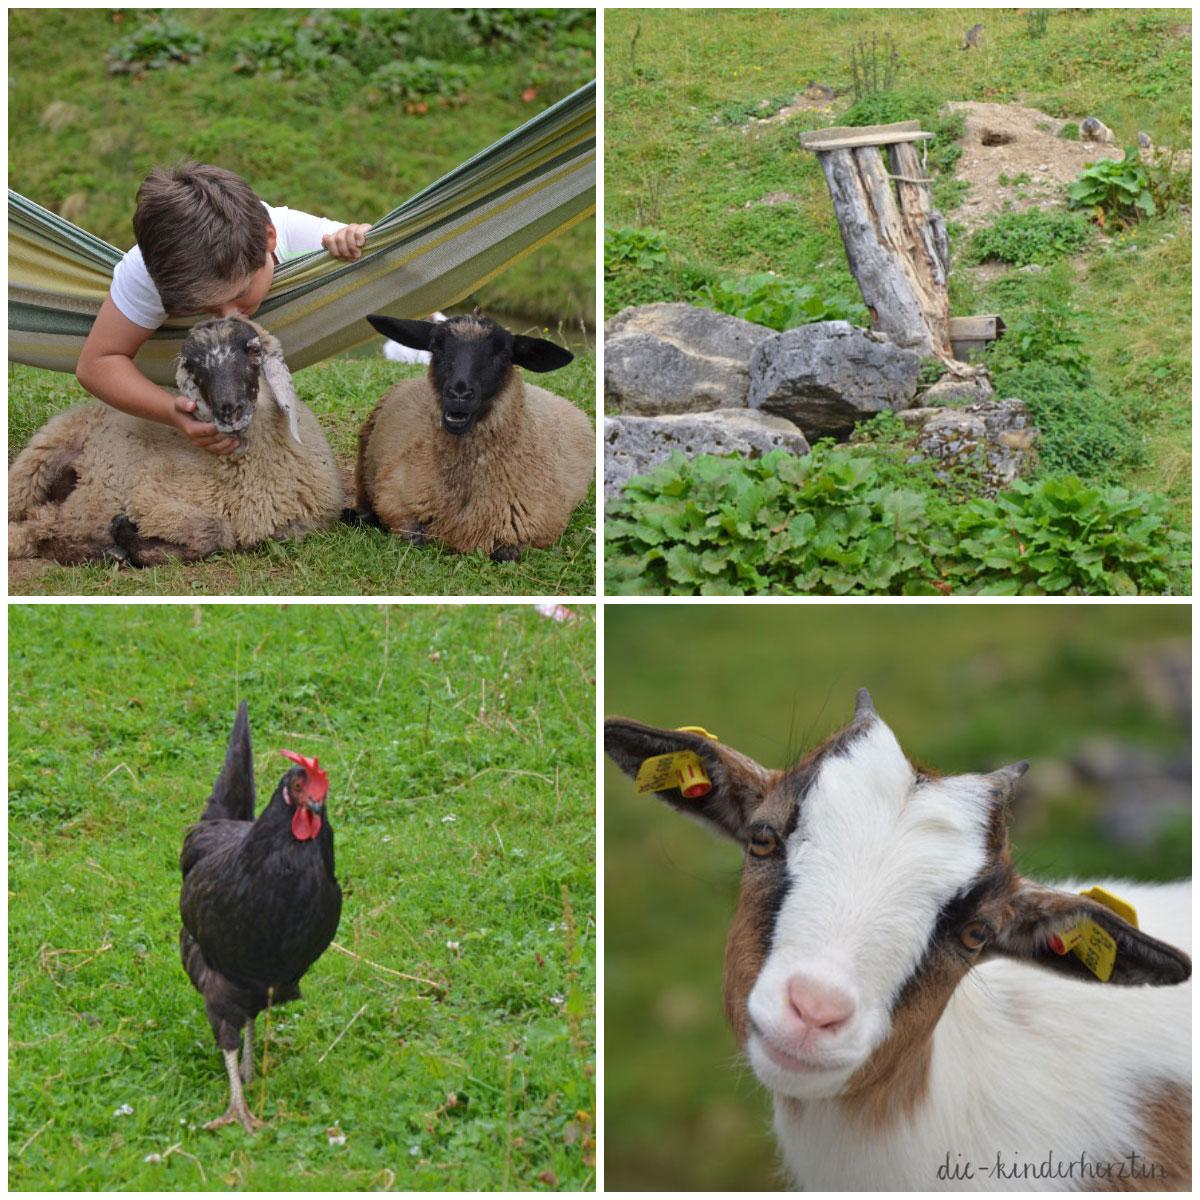 Arthurhaus Fernweh Reisen Österreich Streichelzoo Schafe, Ziegen, Hühner und Murmeltiere